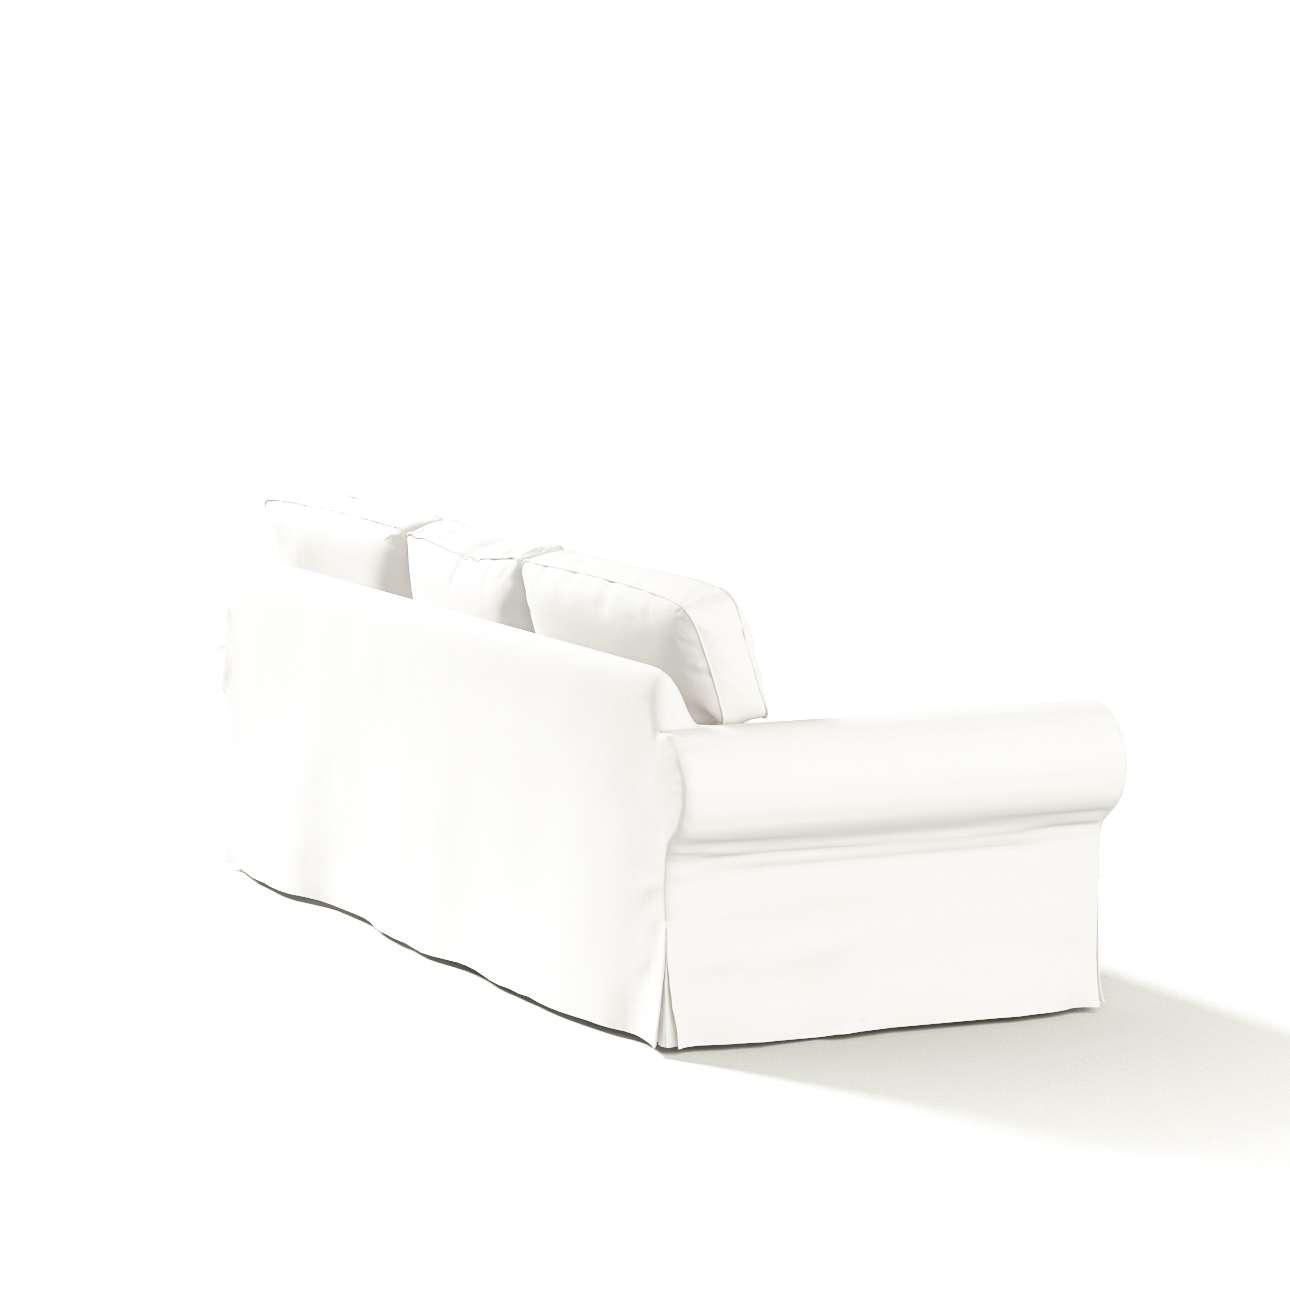 Ektorp trivietės sofos-lovos užvalkalas Ektorp trivietė sofa-lova kolekcijoje Cotton Panama, audinys: 702-34